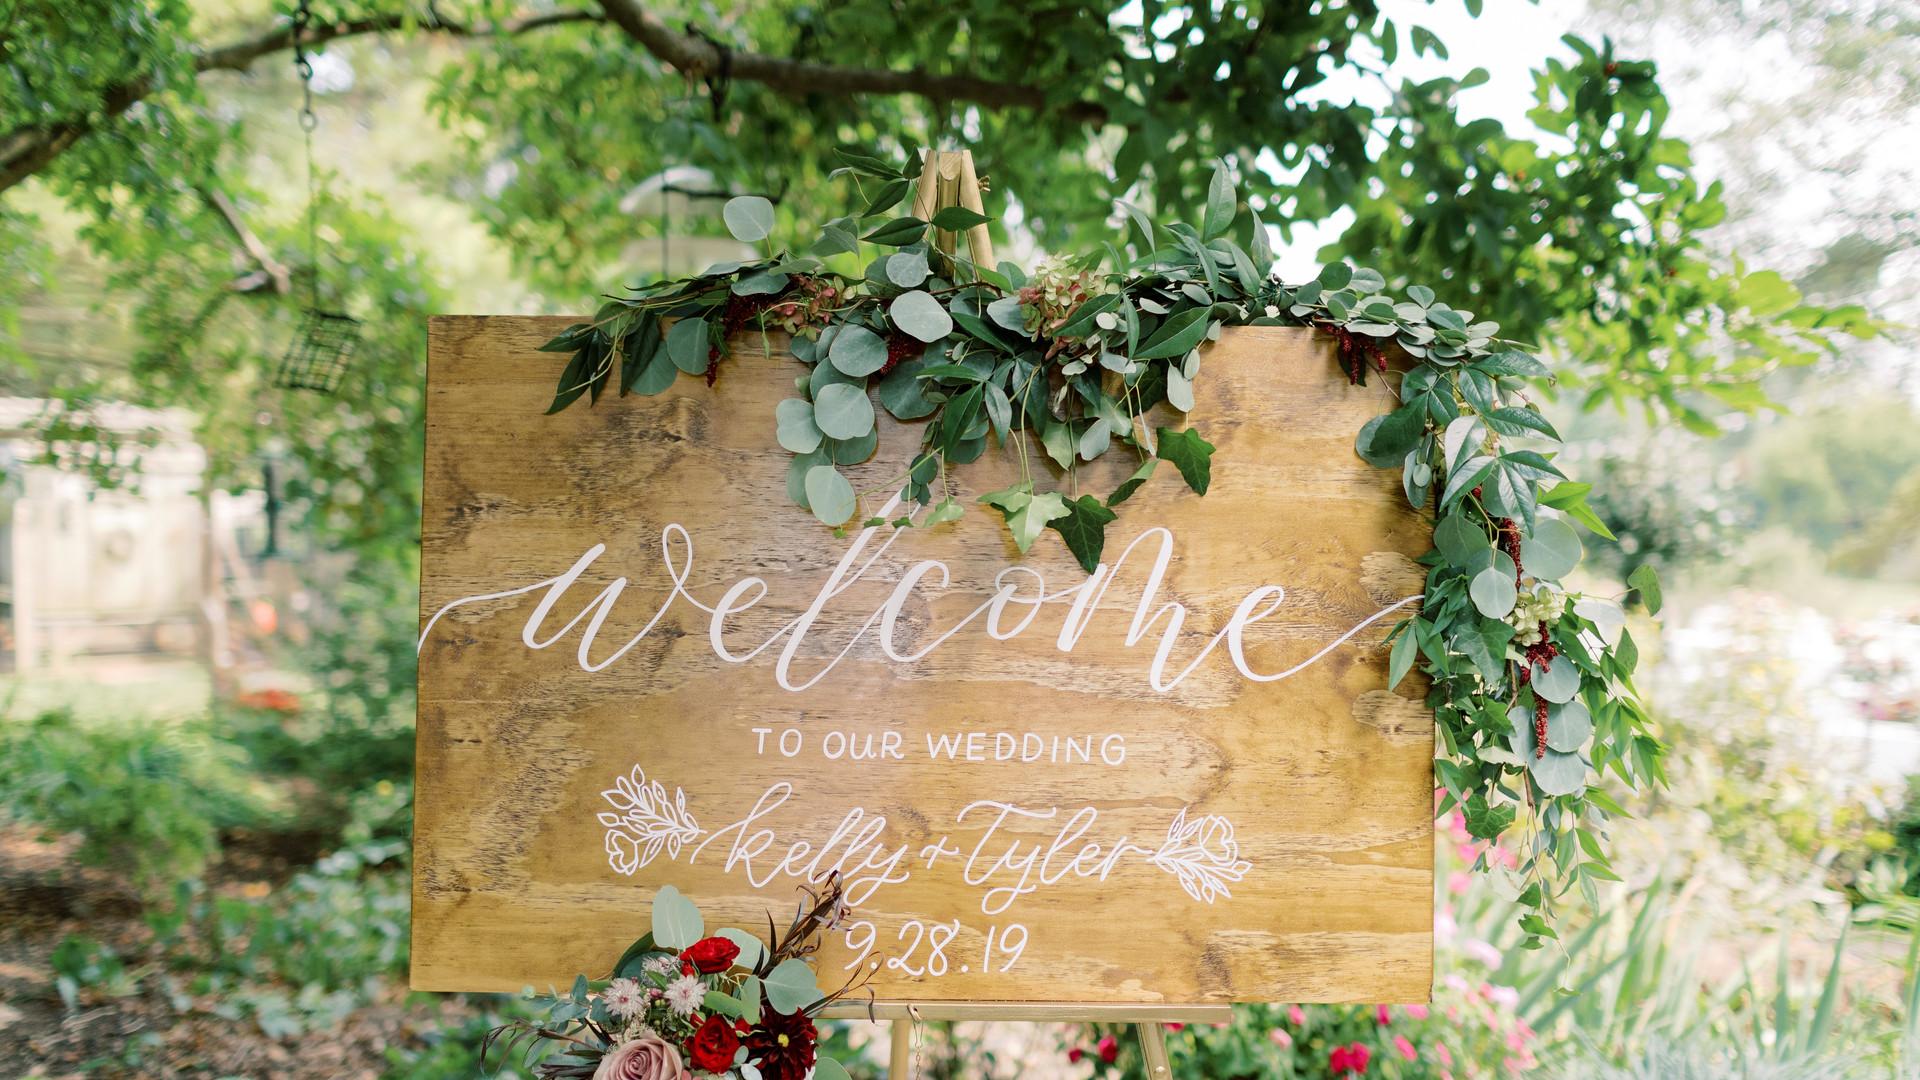 Wedding welcome sign for backyard wedding